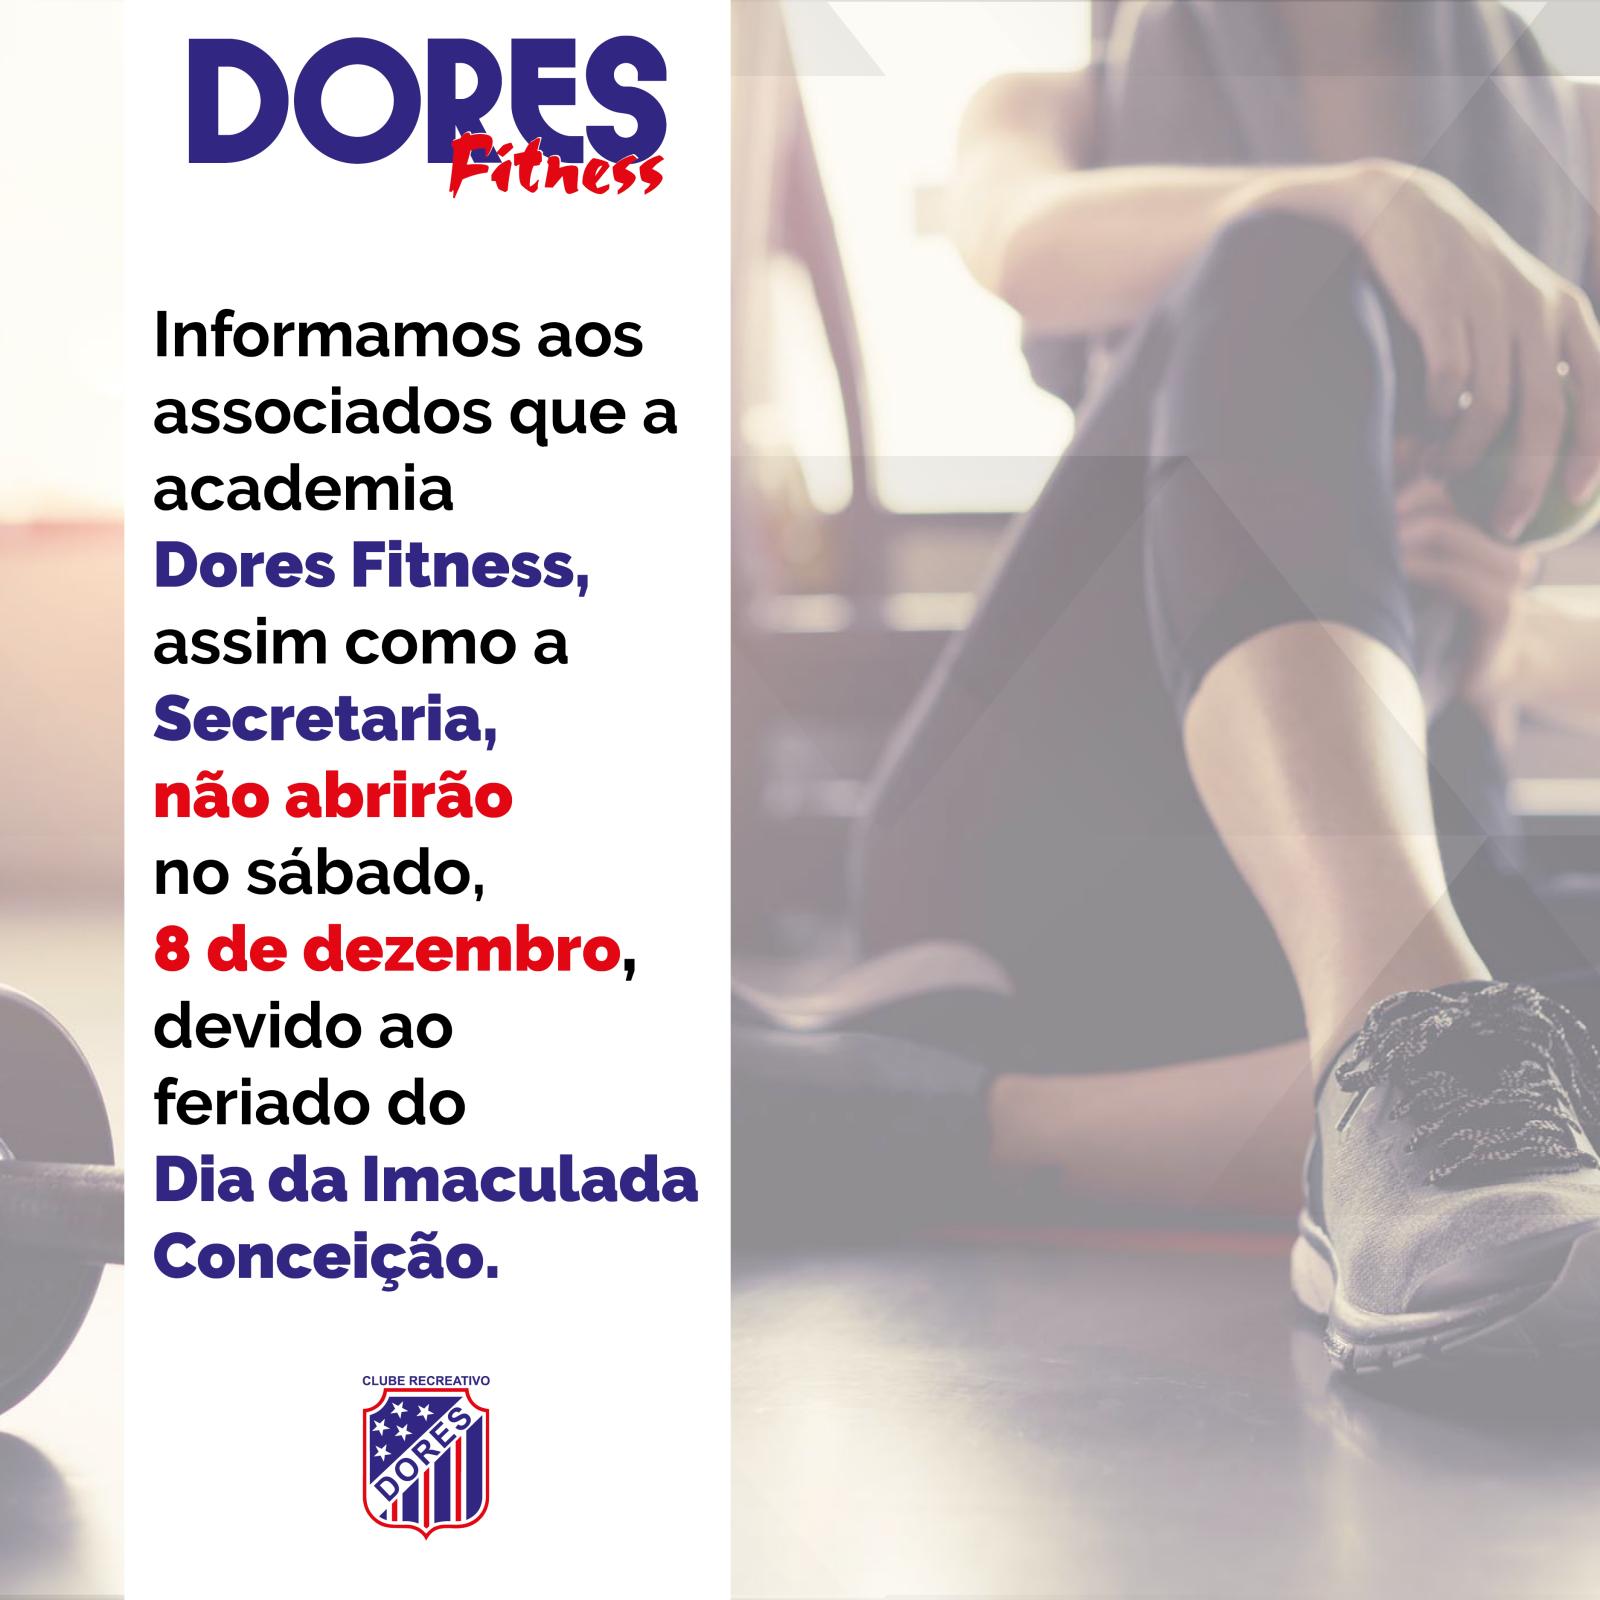 Dores Fitness não abrirá no sábado